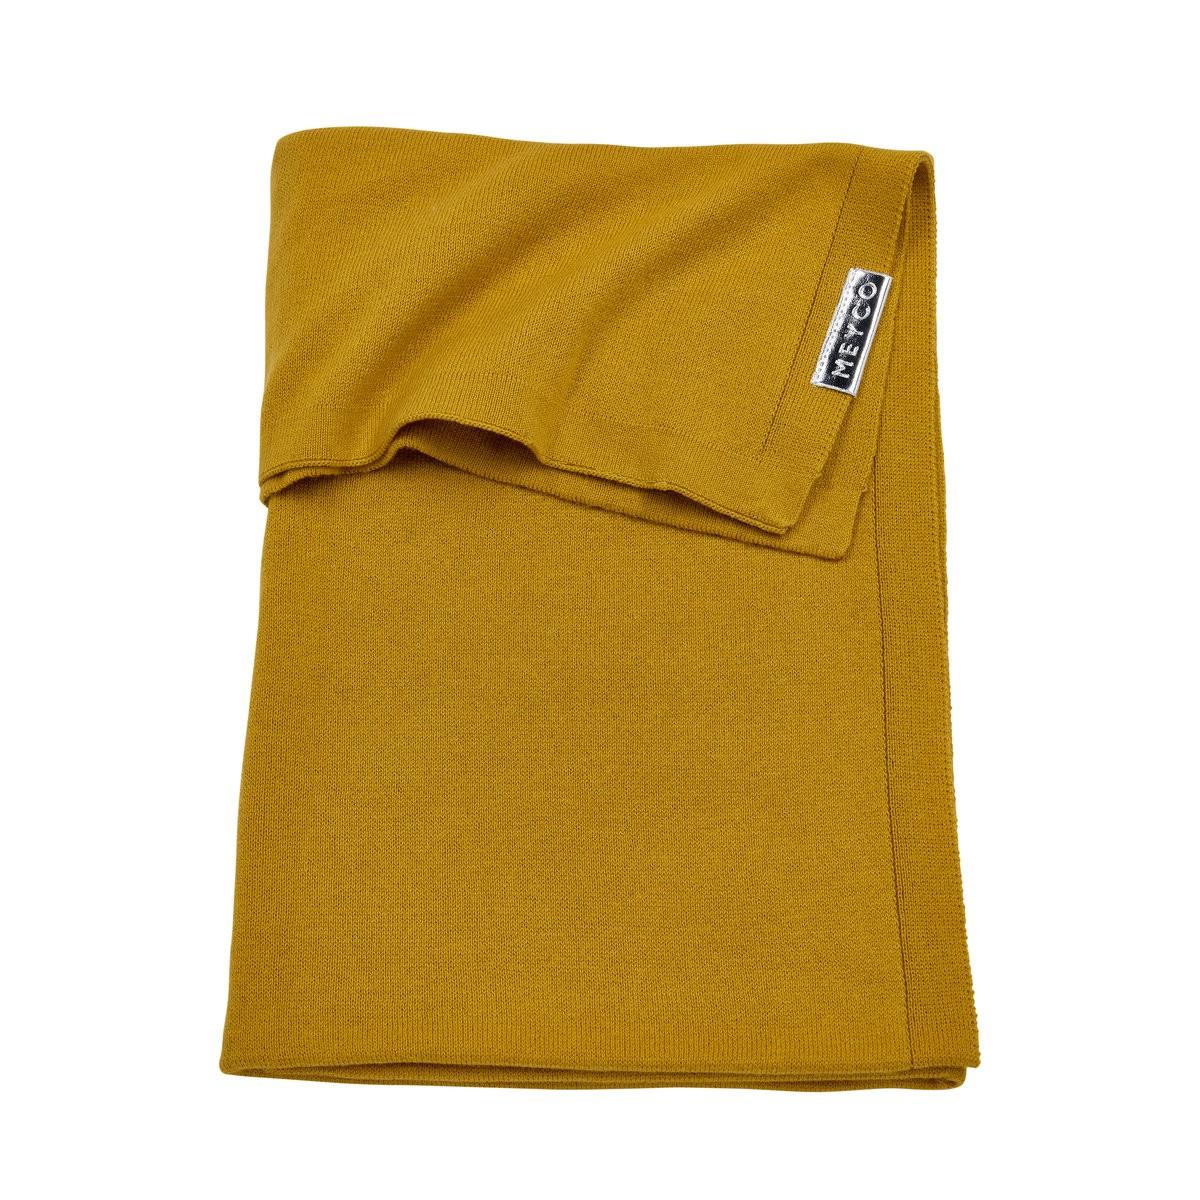 Image of Deken Wieg Meyco Knit Basic Okergeel 33563